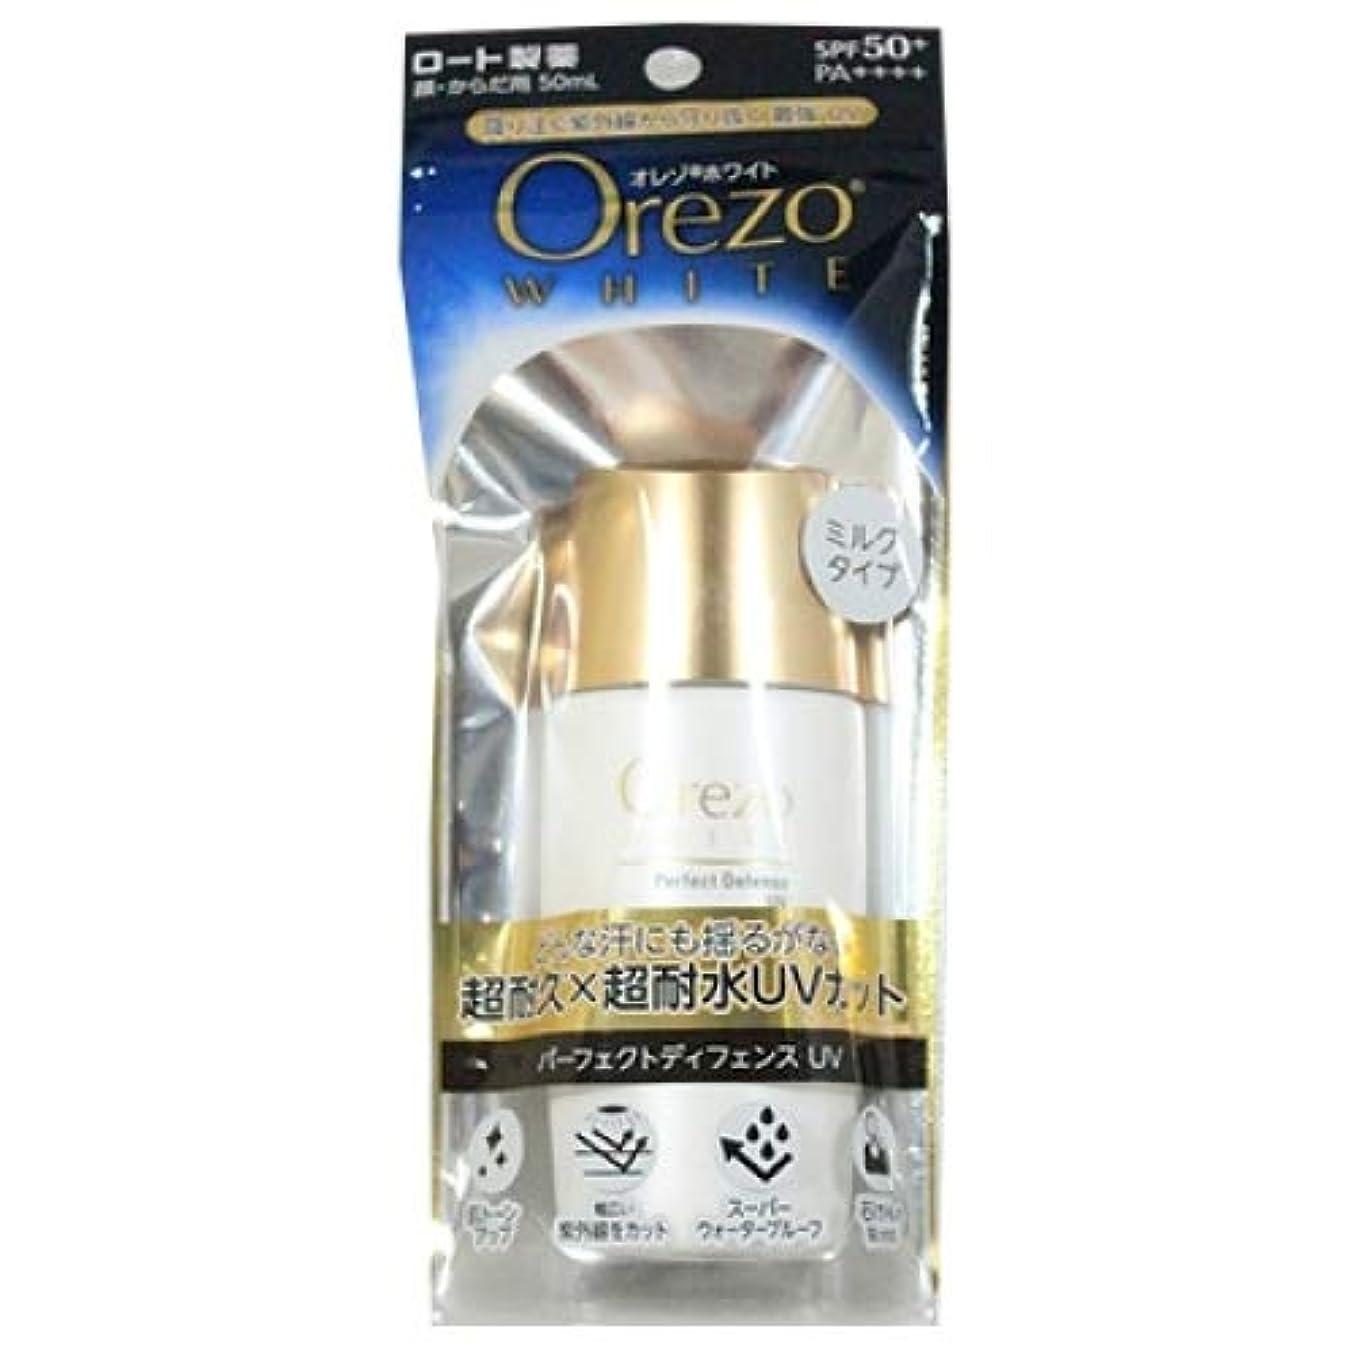 り回復するペナルティロート製薬 Orezo オレゾ ホワイト パーフェクトディフェンスUVa SPF50+ PA++++ (50mL)